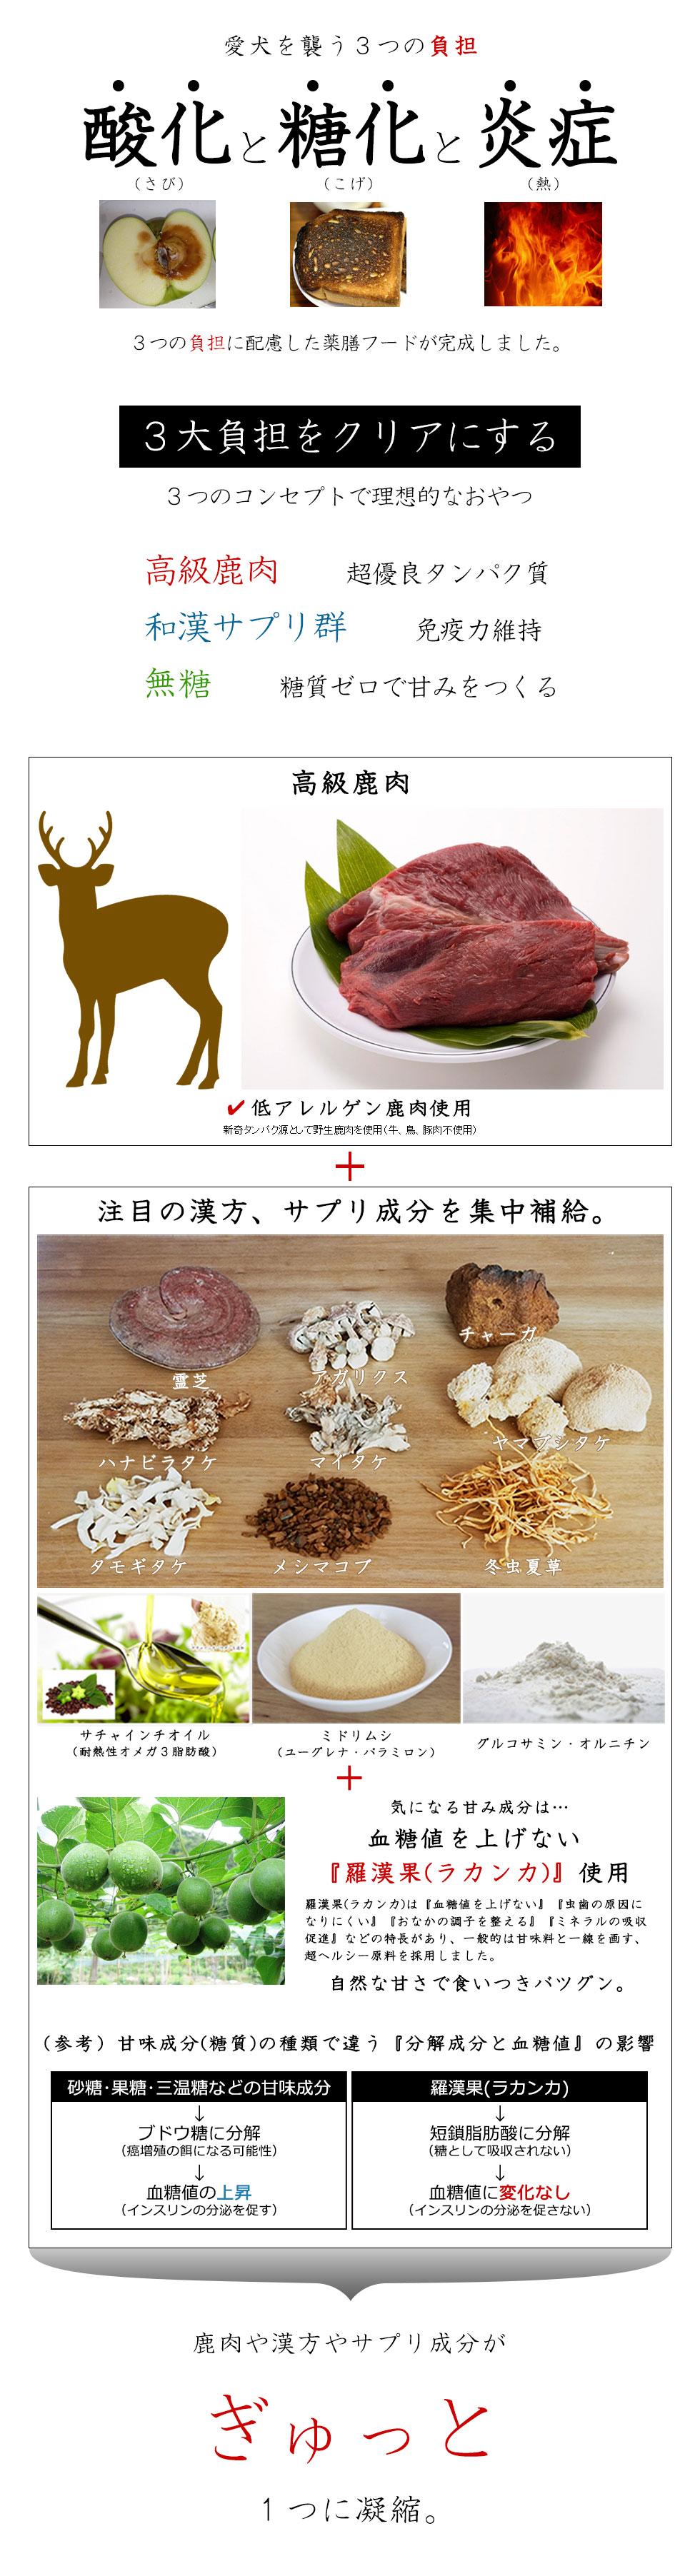 愛犬を奪う3つの負担 酸化(さび)と糖化(こげ)と炎症(熱)を配慮 低アレルゲン鹿肉、注目漢方集中補給、和漢+クッキー